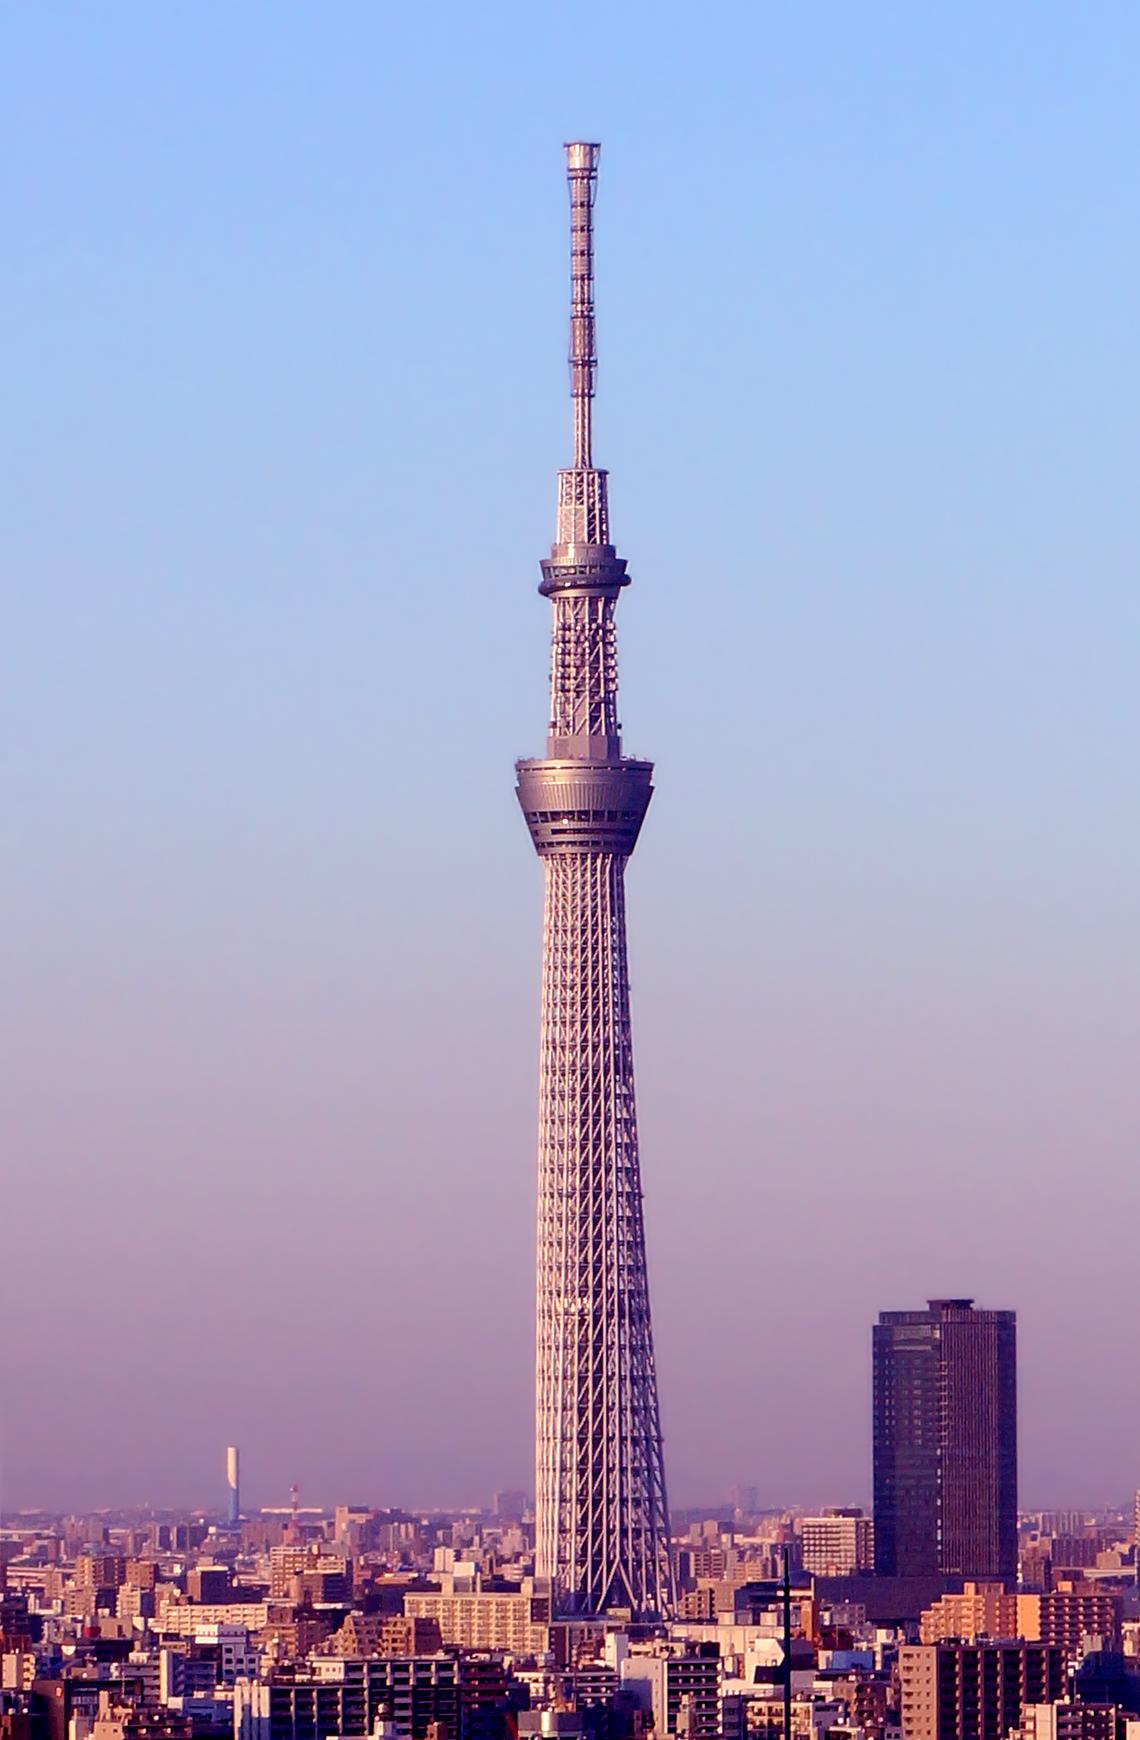 ۲.توکیو اسکای تری، توکیو، ژاپن ۲۰۱۲ ، ۶۳۴متر